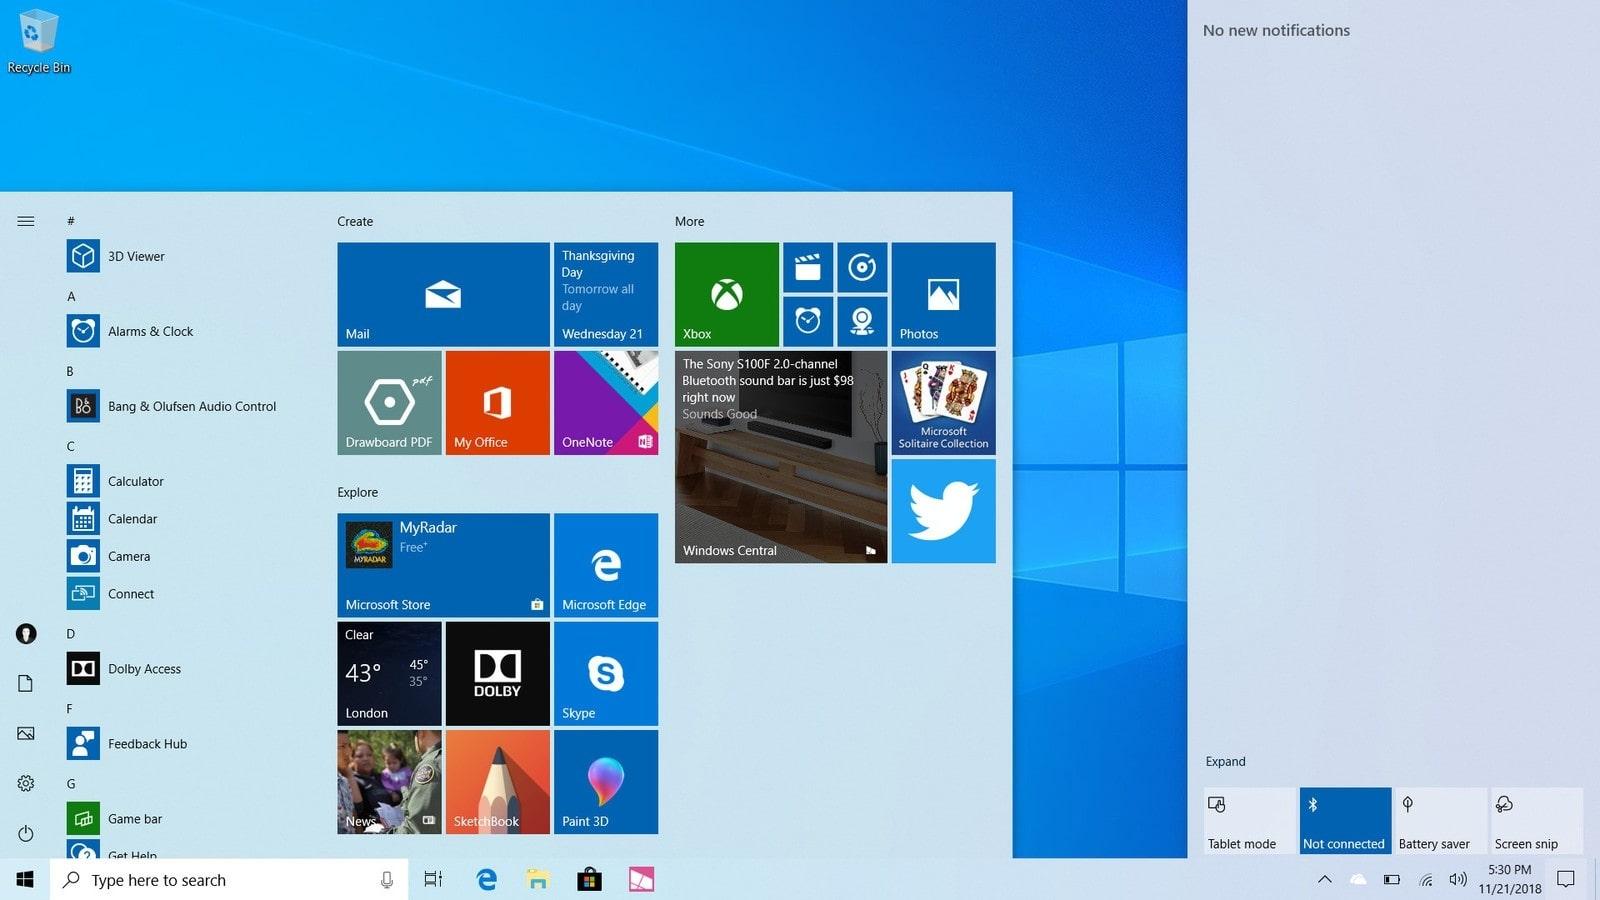 Lần đầu tiên kể từ Vista, Microsoft tăng yêu cầu ổ cứng tối thiểu để cài Windows 10 1903 lên 32GB